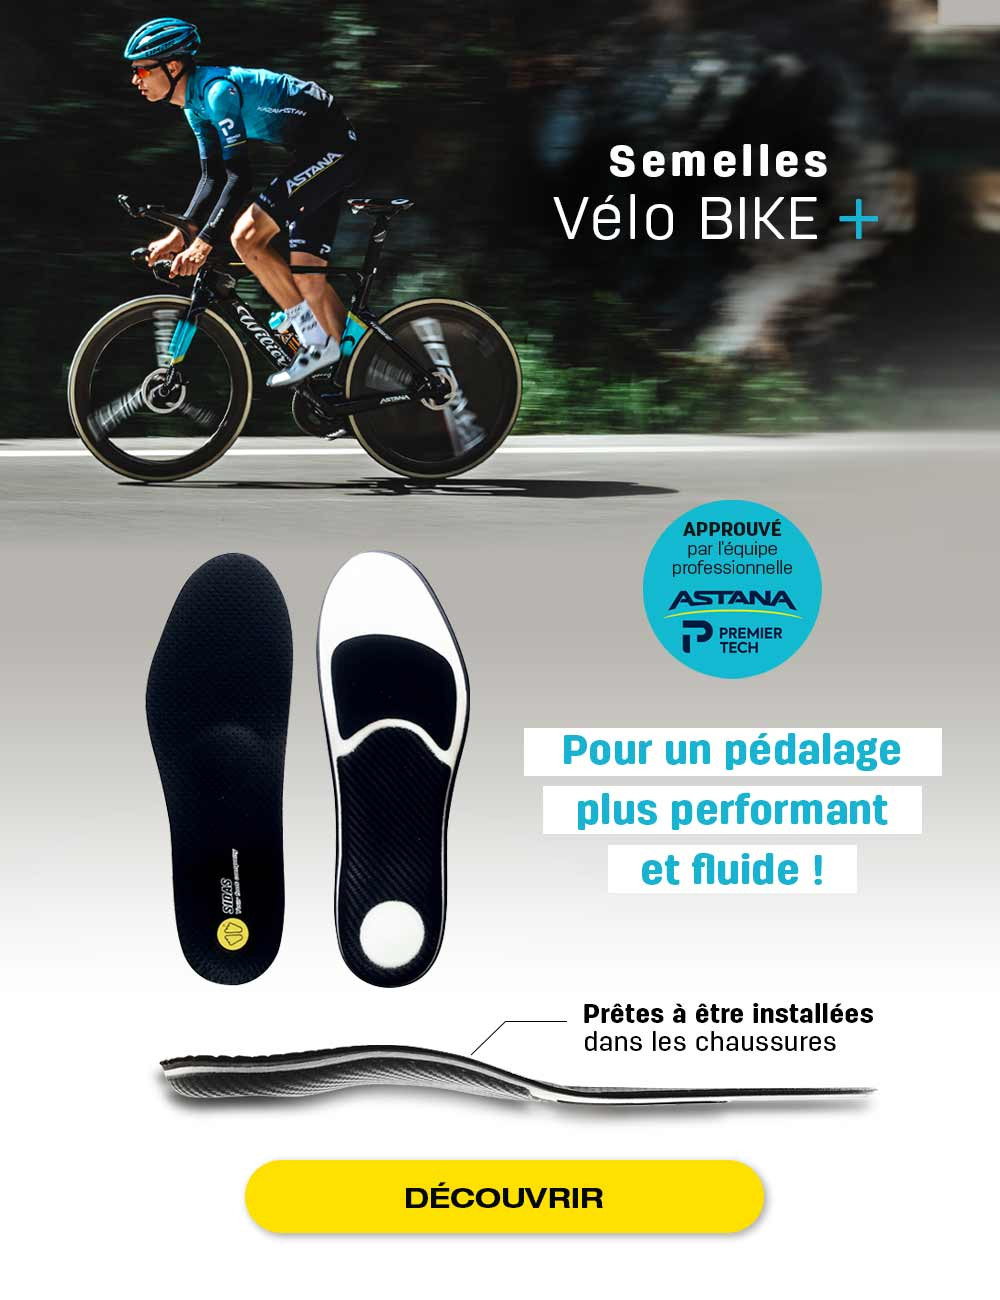 Gagnez en précision en vélo et adoptez les semelles de la Team Astana Premier Tech !